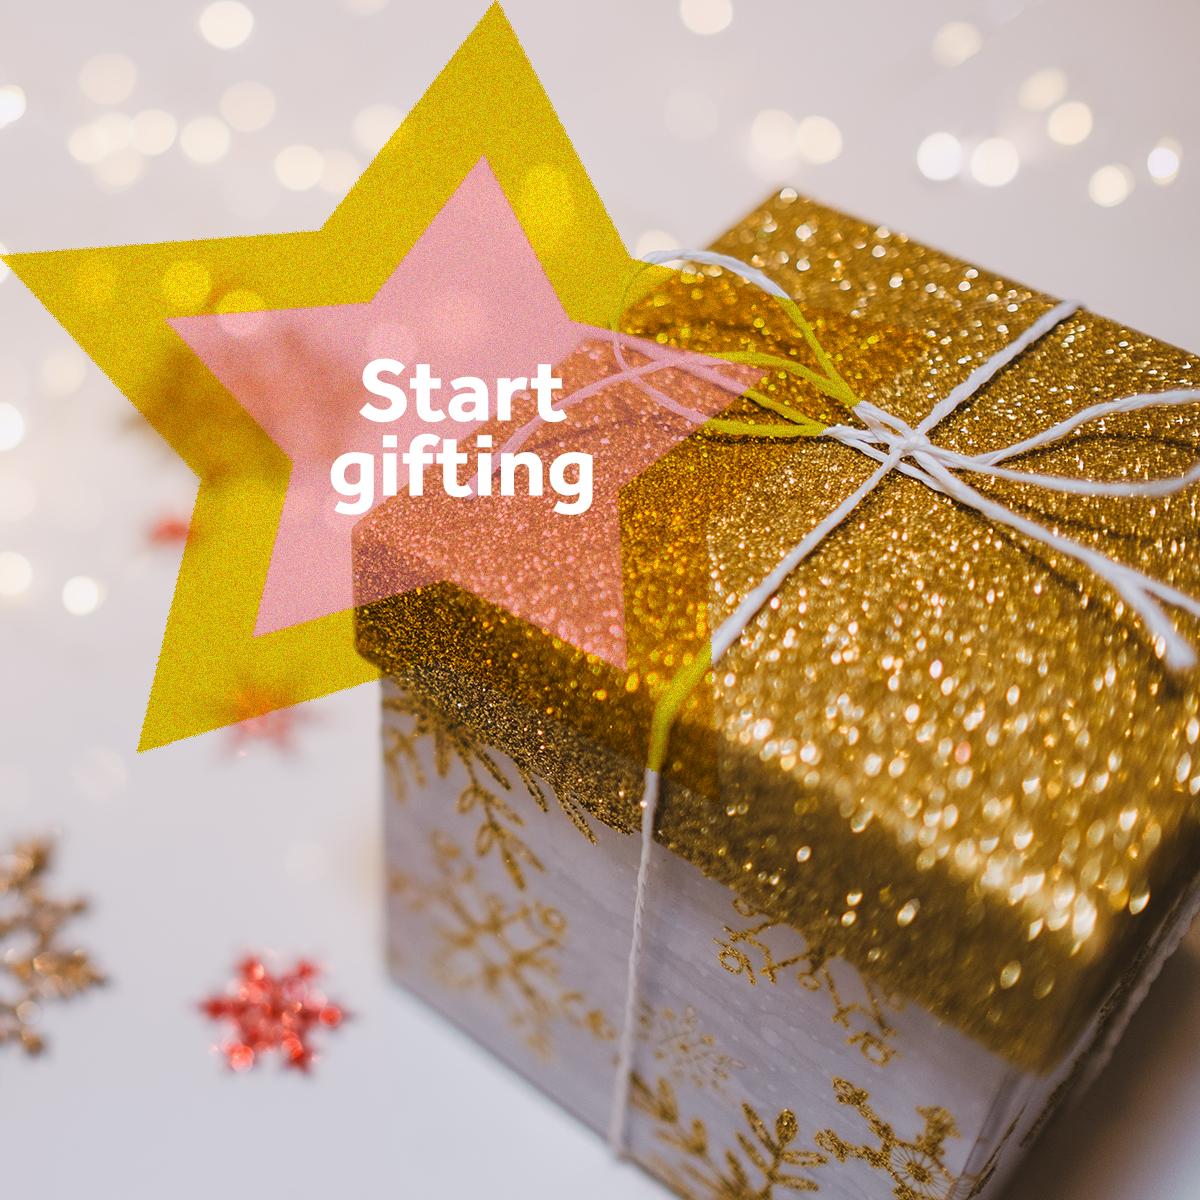 Festive Spirit - start gifting